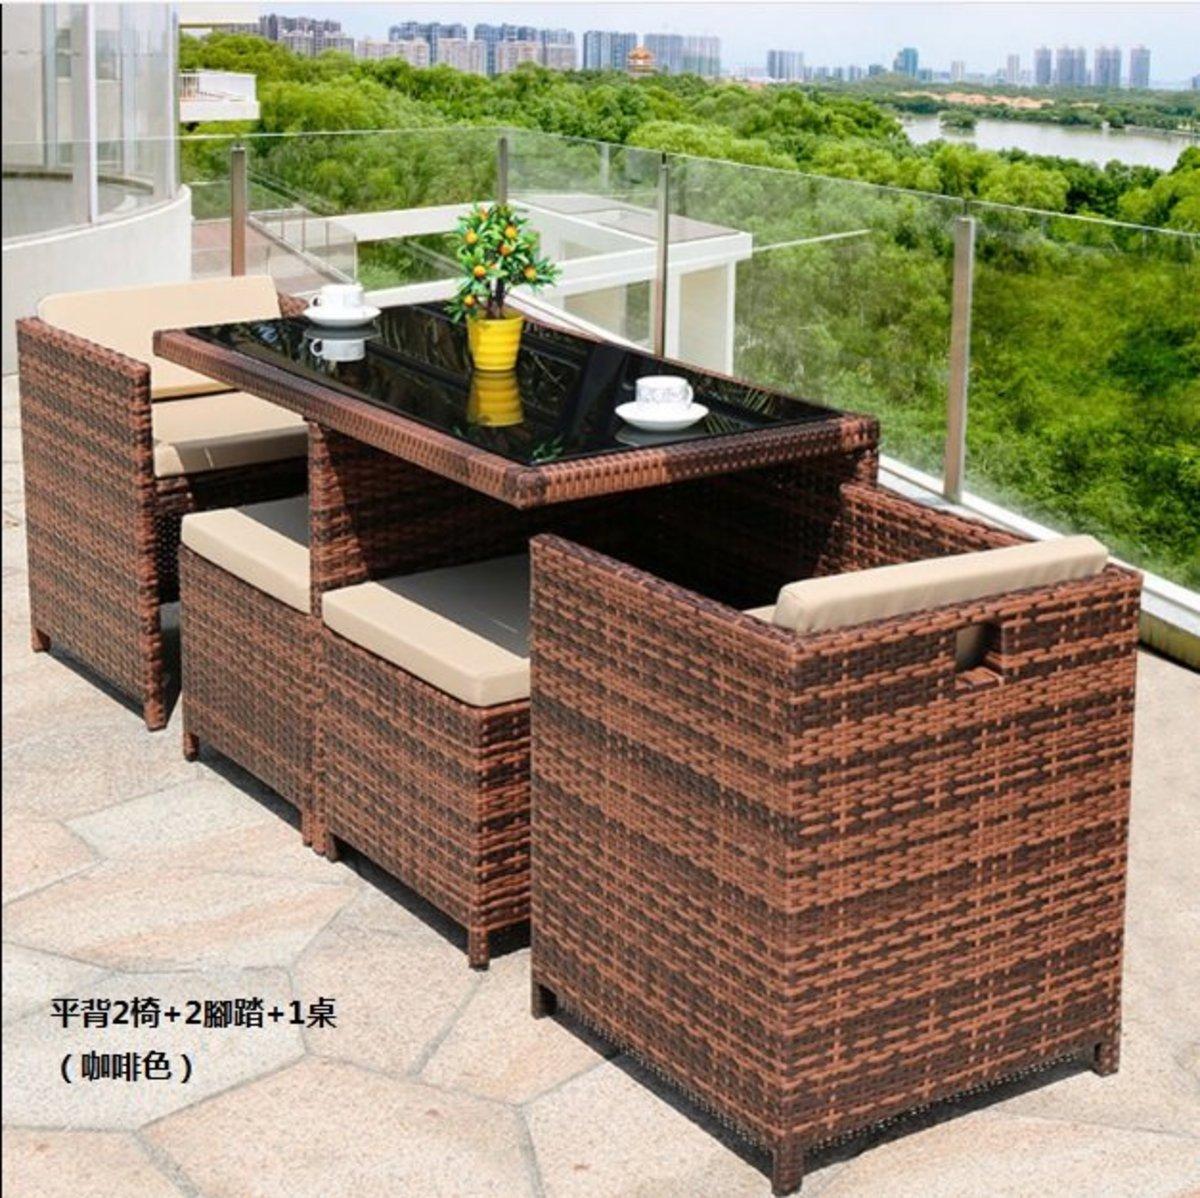 簡約家用收納北歐藤桌椅(平背2椅+2腳踏+1桌(咖啡色))